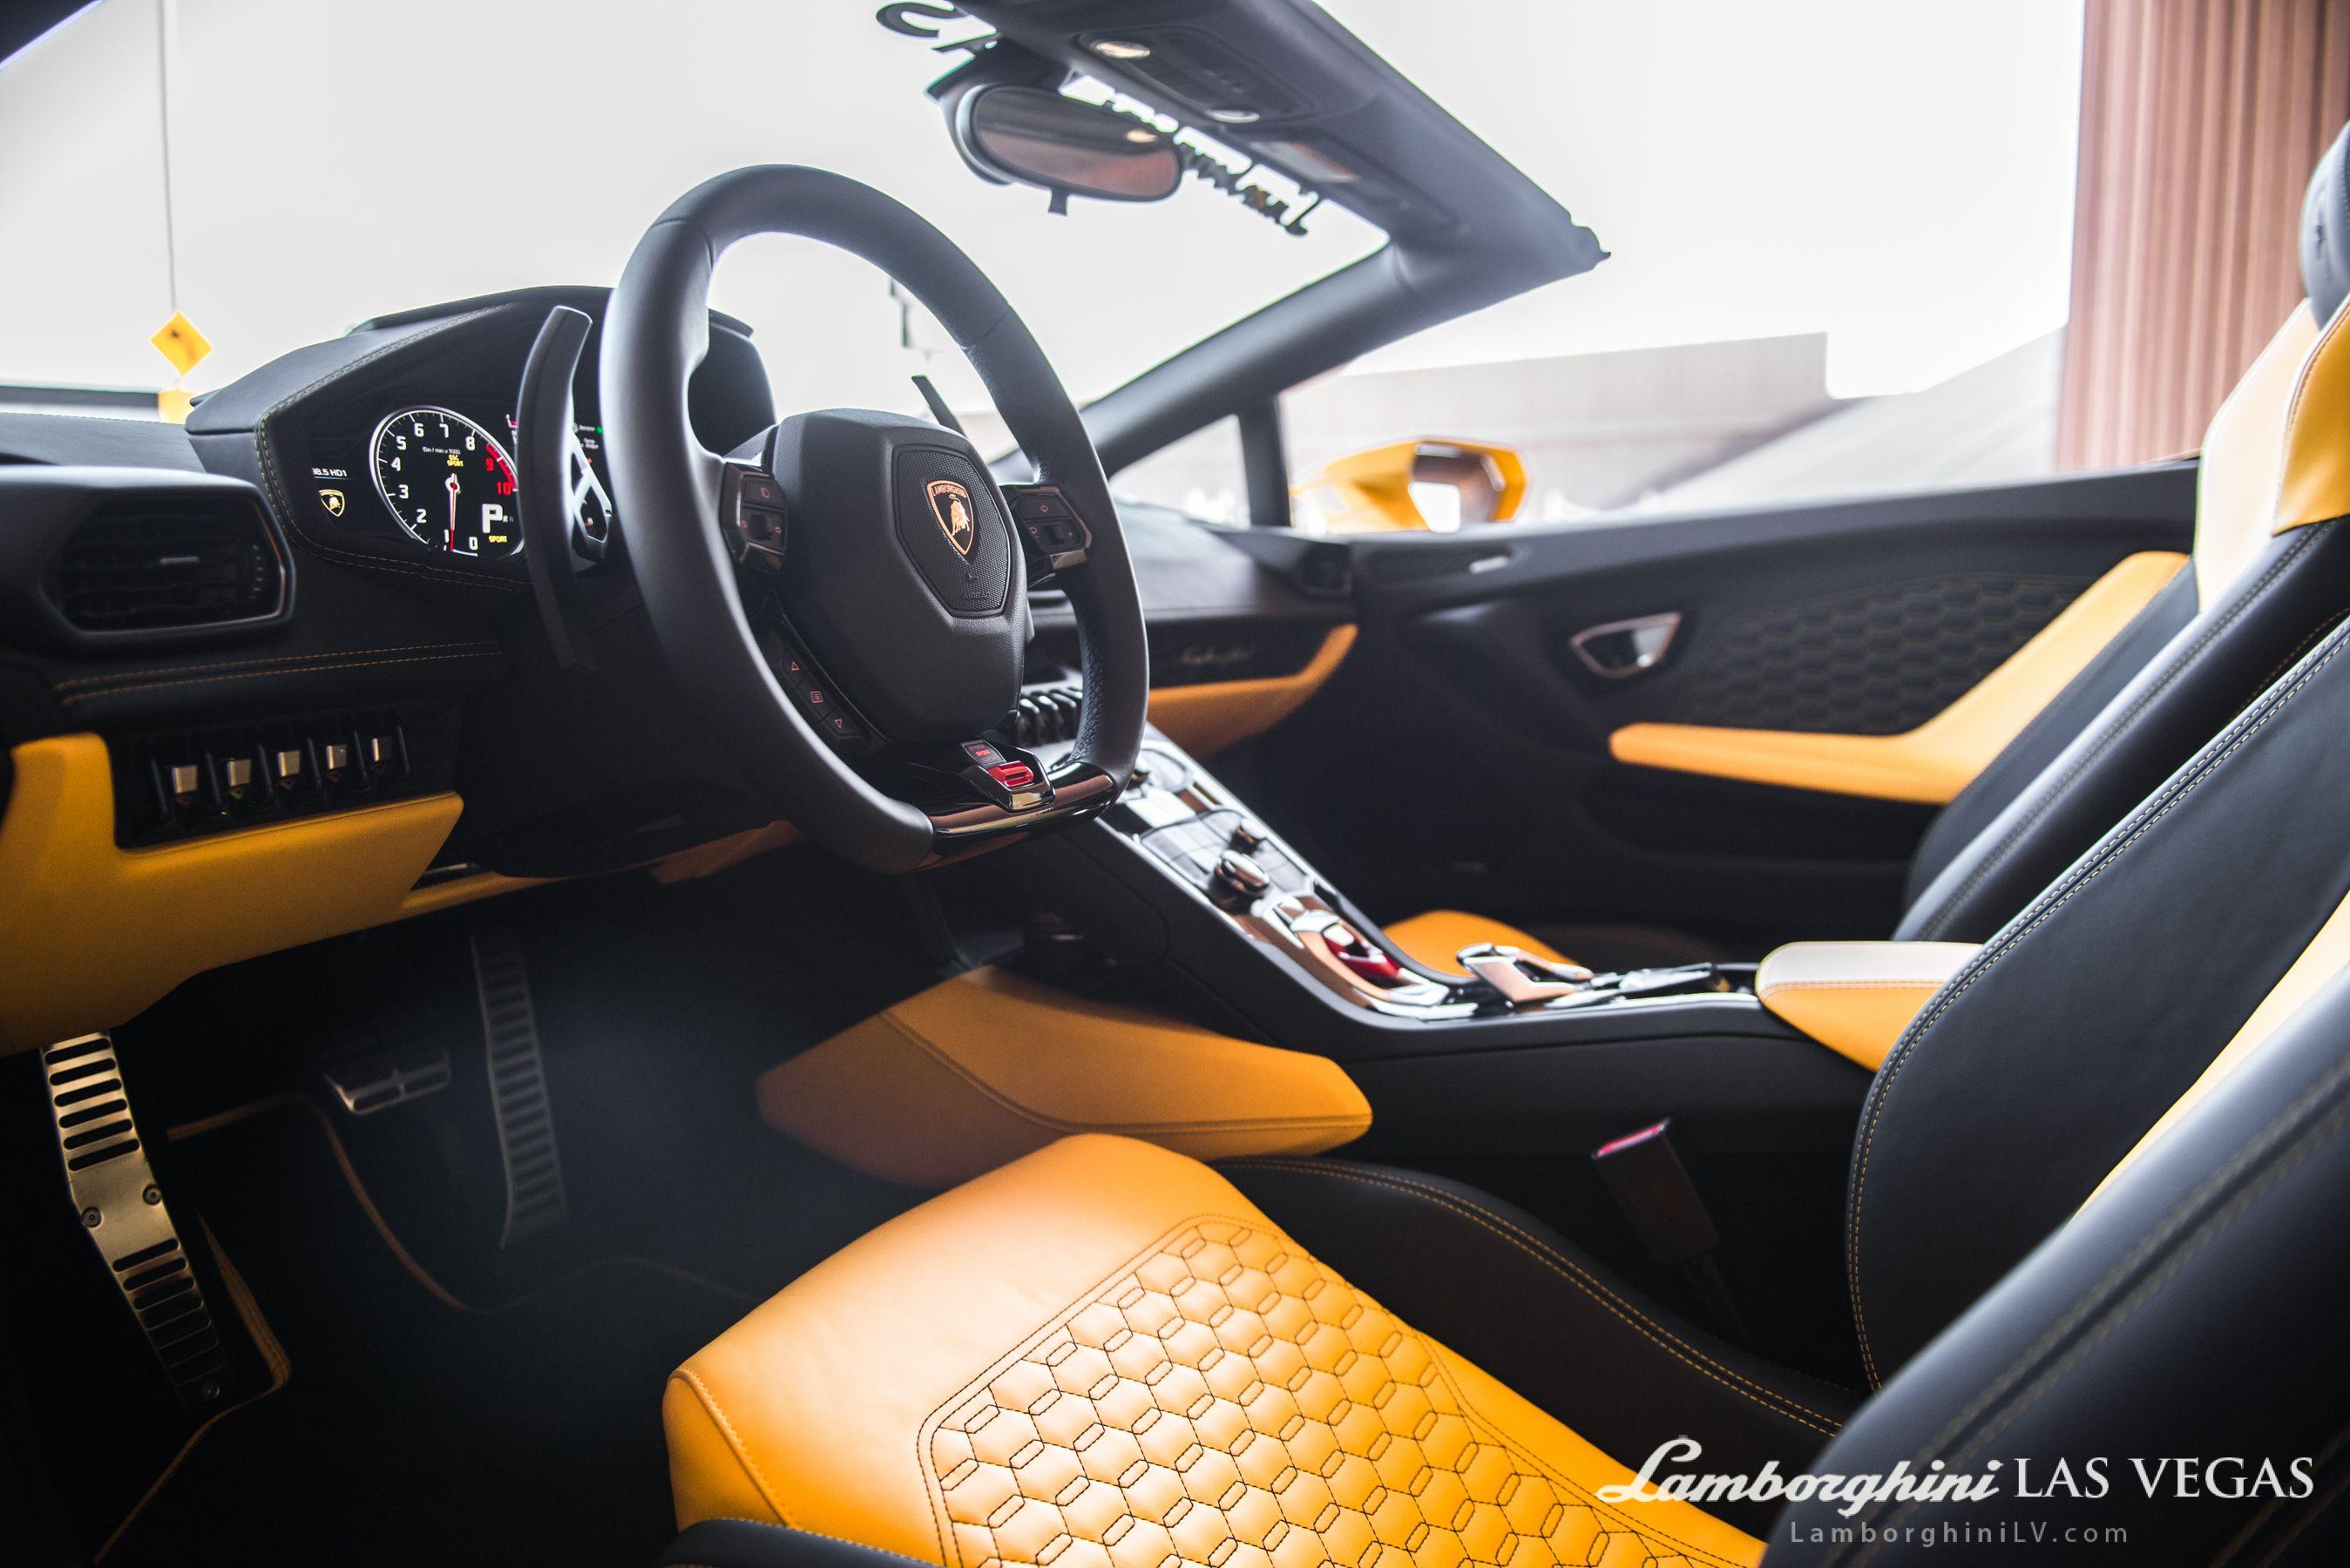 2017 Lamborghini Huracan Spyder Lp610 4 Convertible Nero Ade Giallo